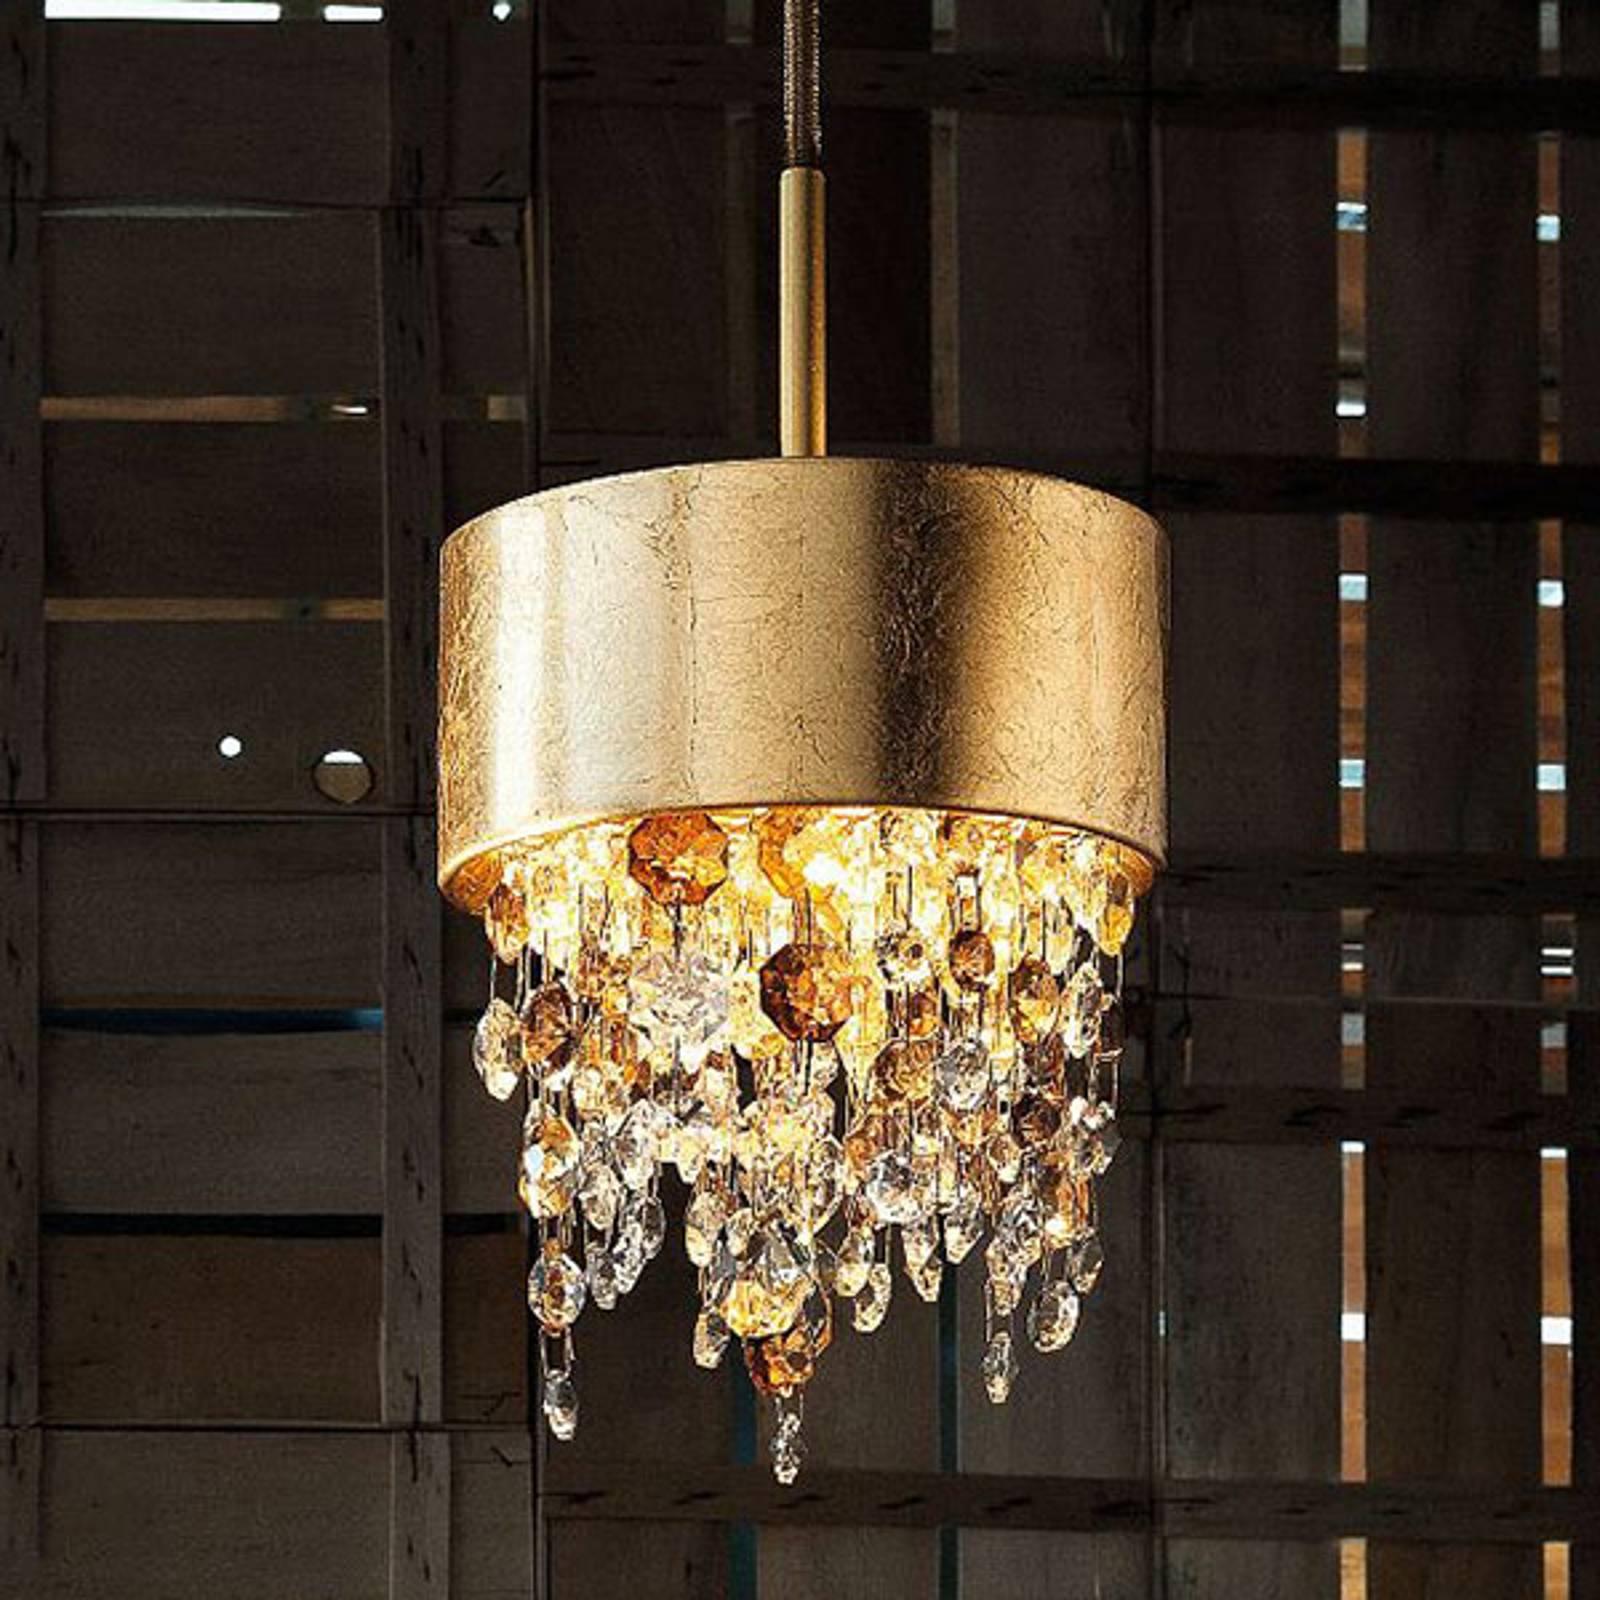 LED-riippuvalaisin Olà S2 15, Ø 15cm, amber